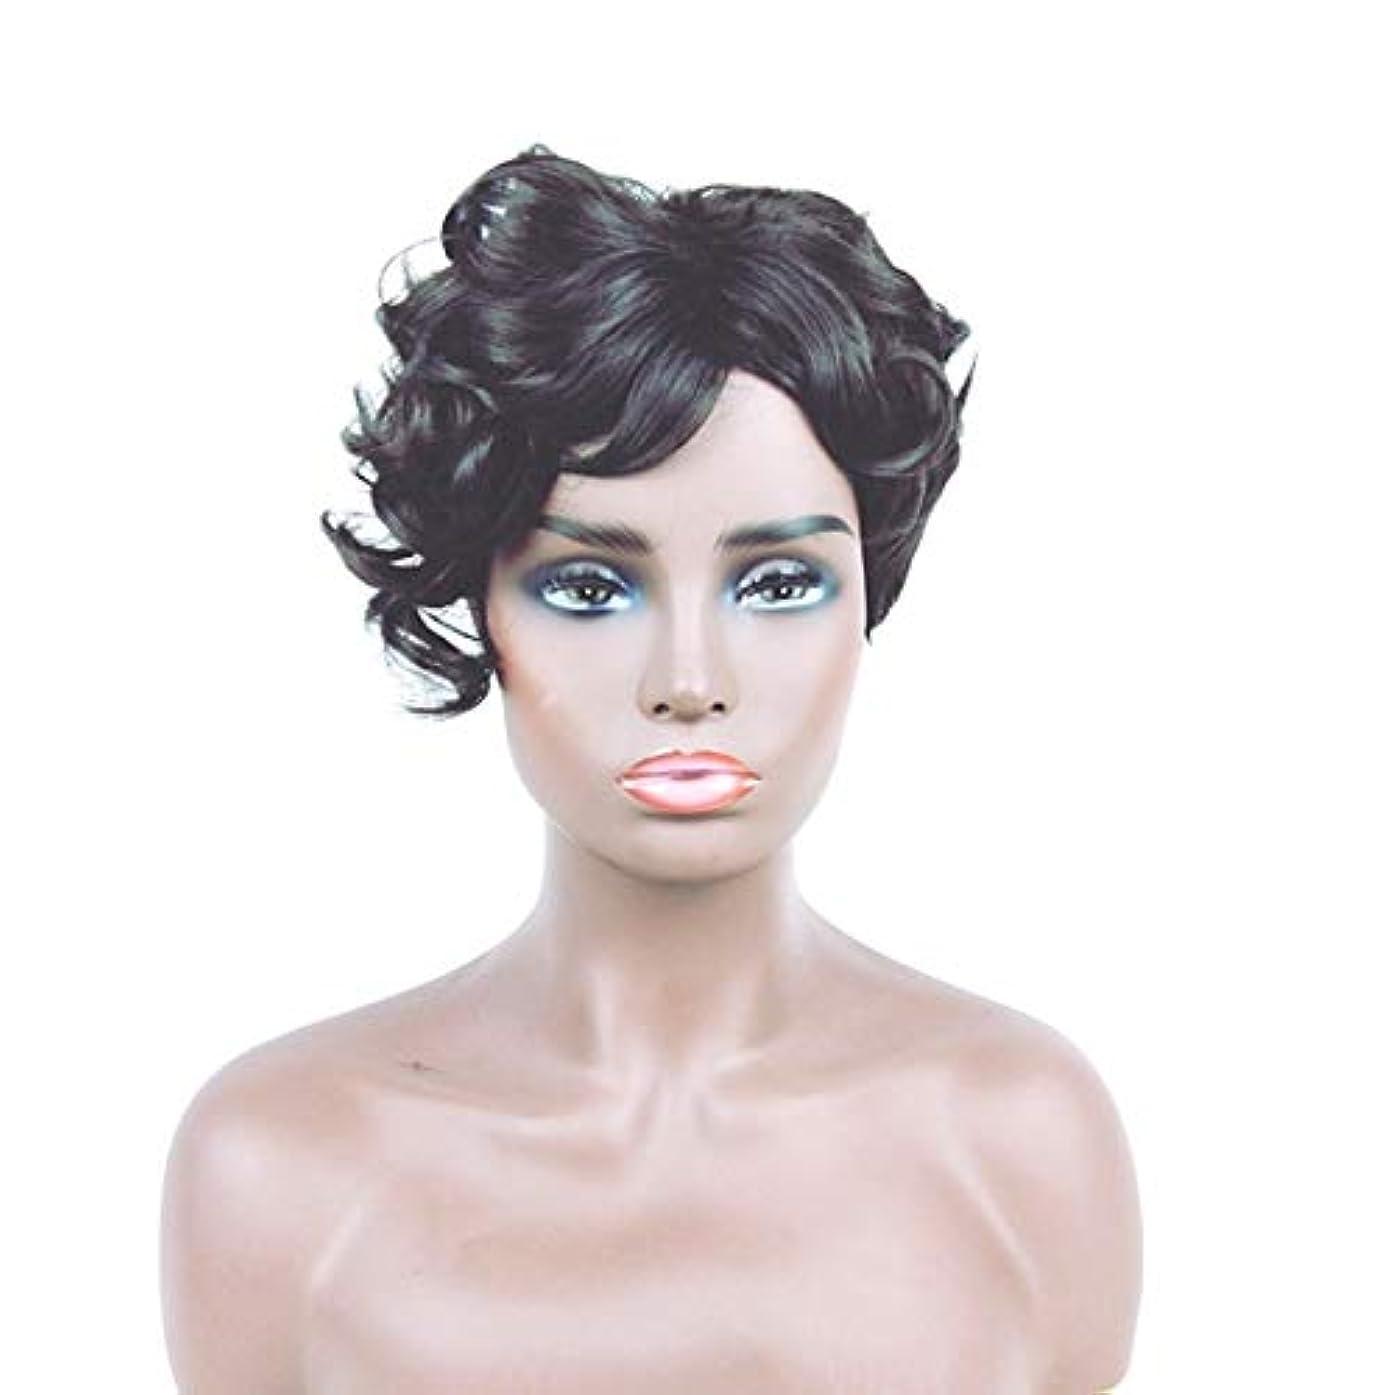 等価ゴミ箱を空にする骨Kerwinner 女性のための短い巻き毛のかつらブロンドのボブの髪かつら自然に見える耐熱合成かつら